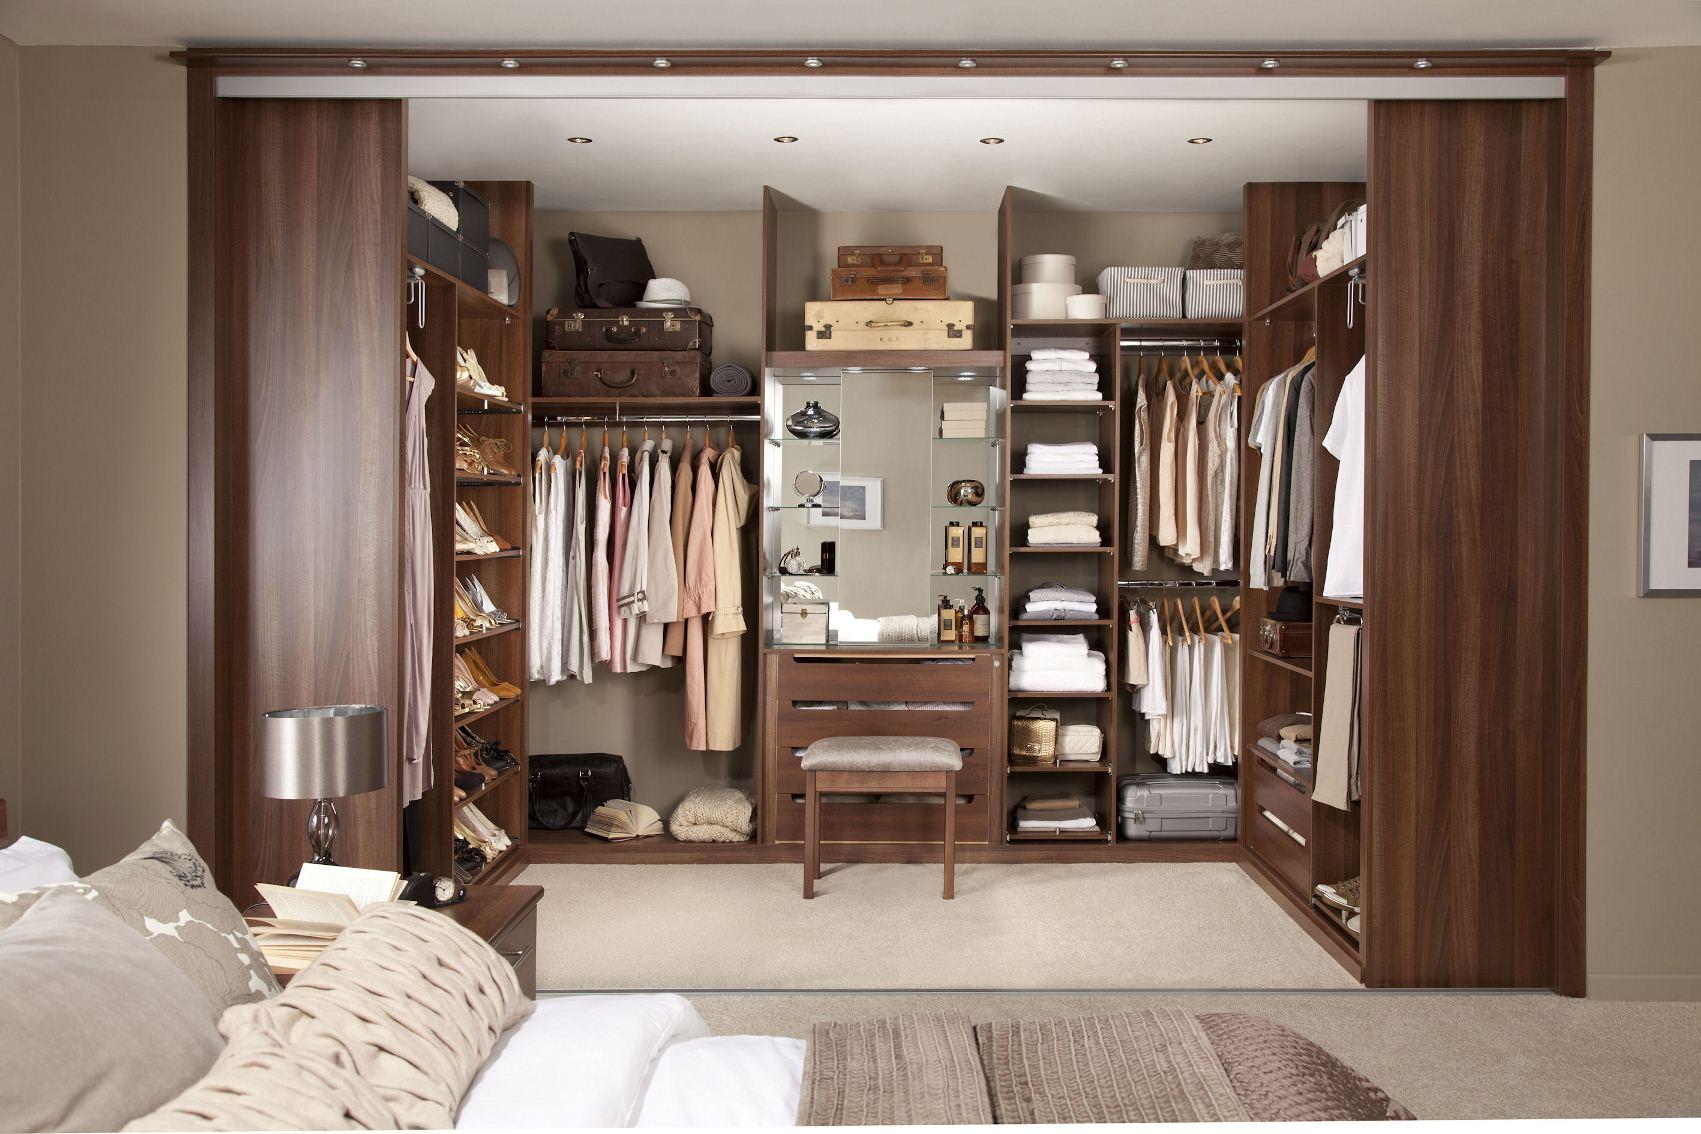 فكرة تصميم دولاب الملابس بغرفة النوم داخل الجدار بغرفة خاصة | المرسال